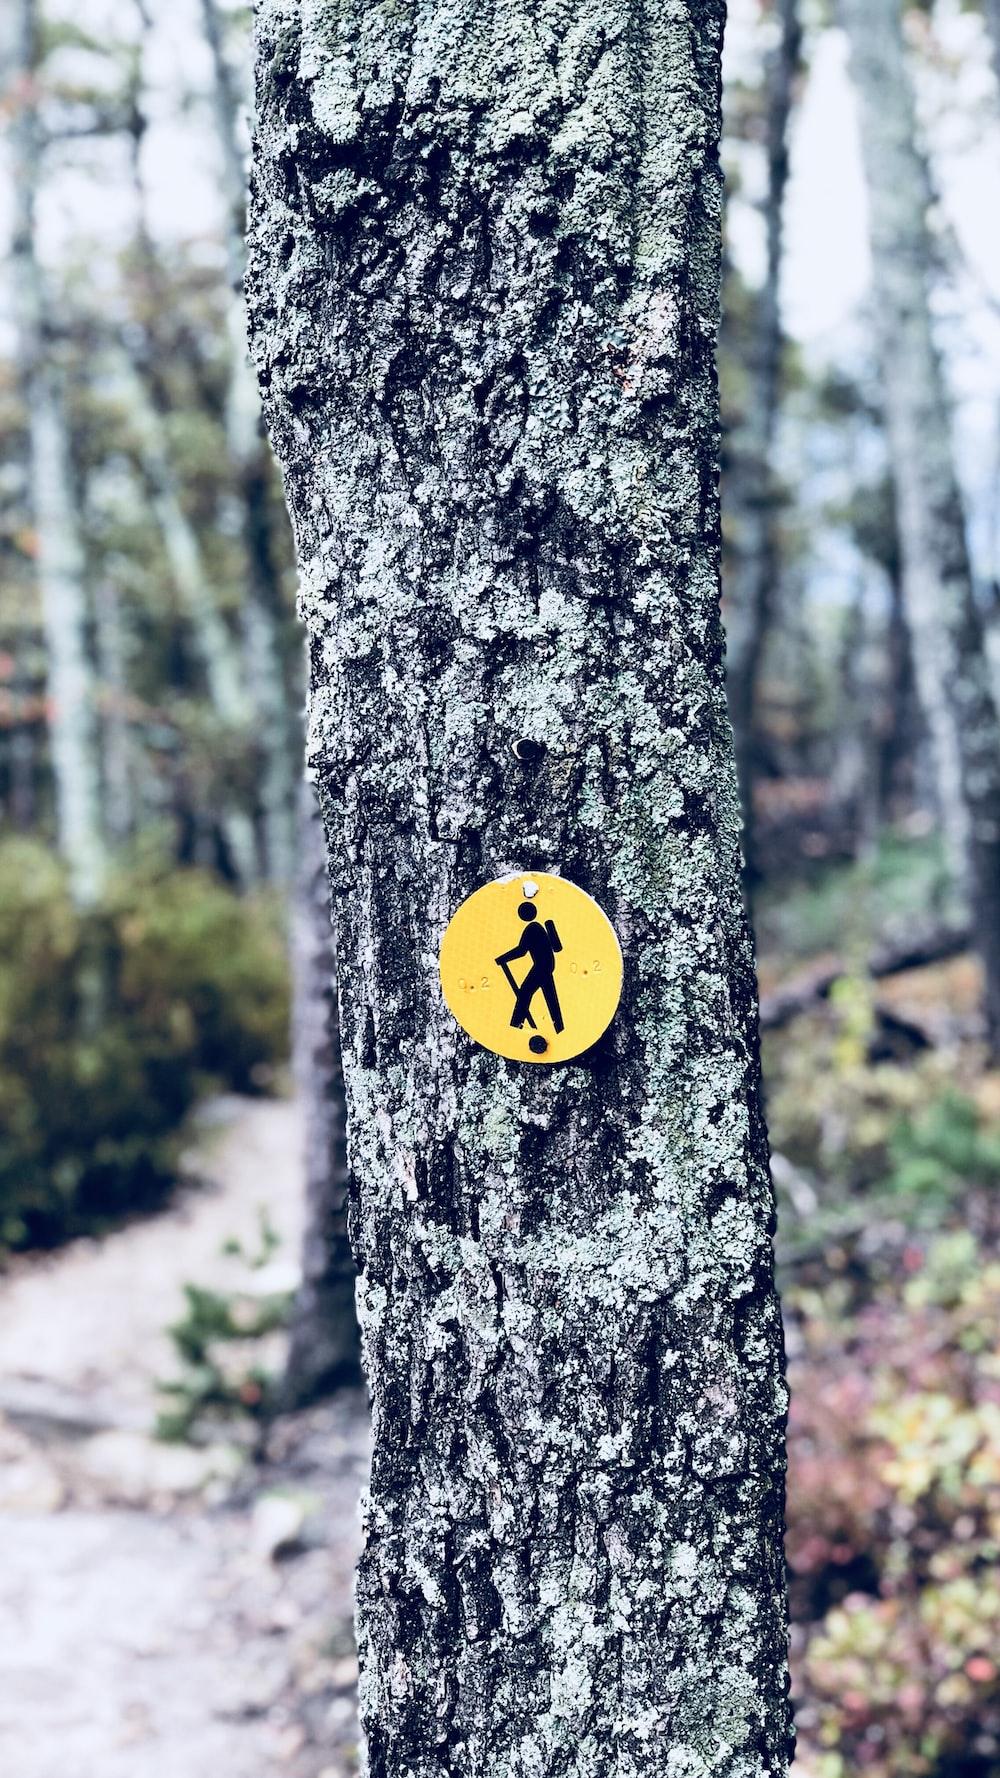 No trespassing signage